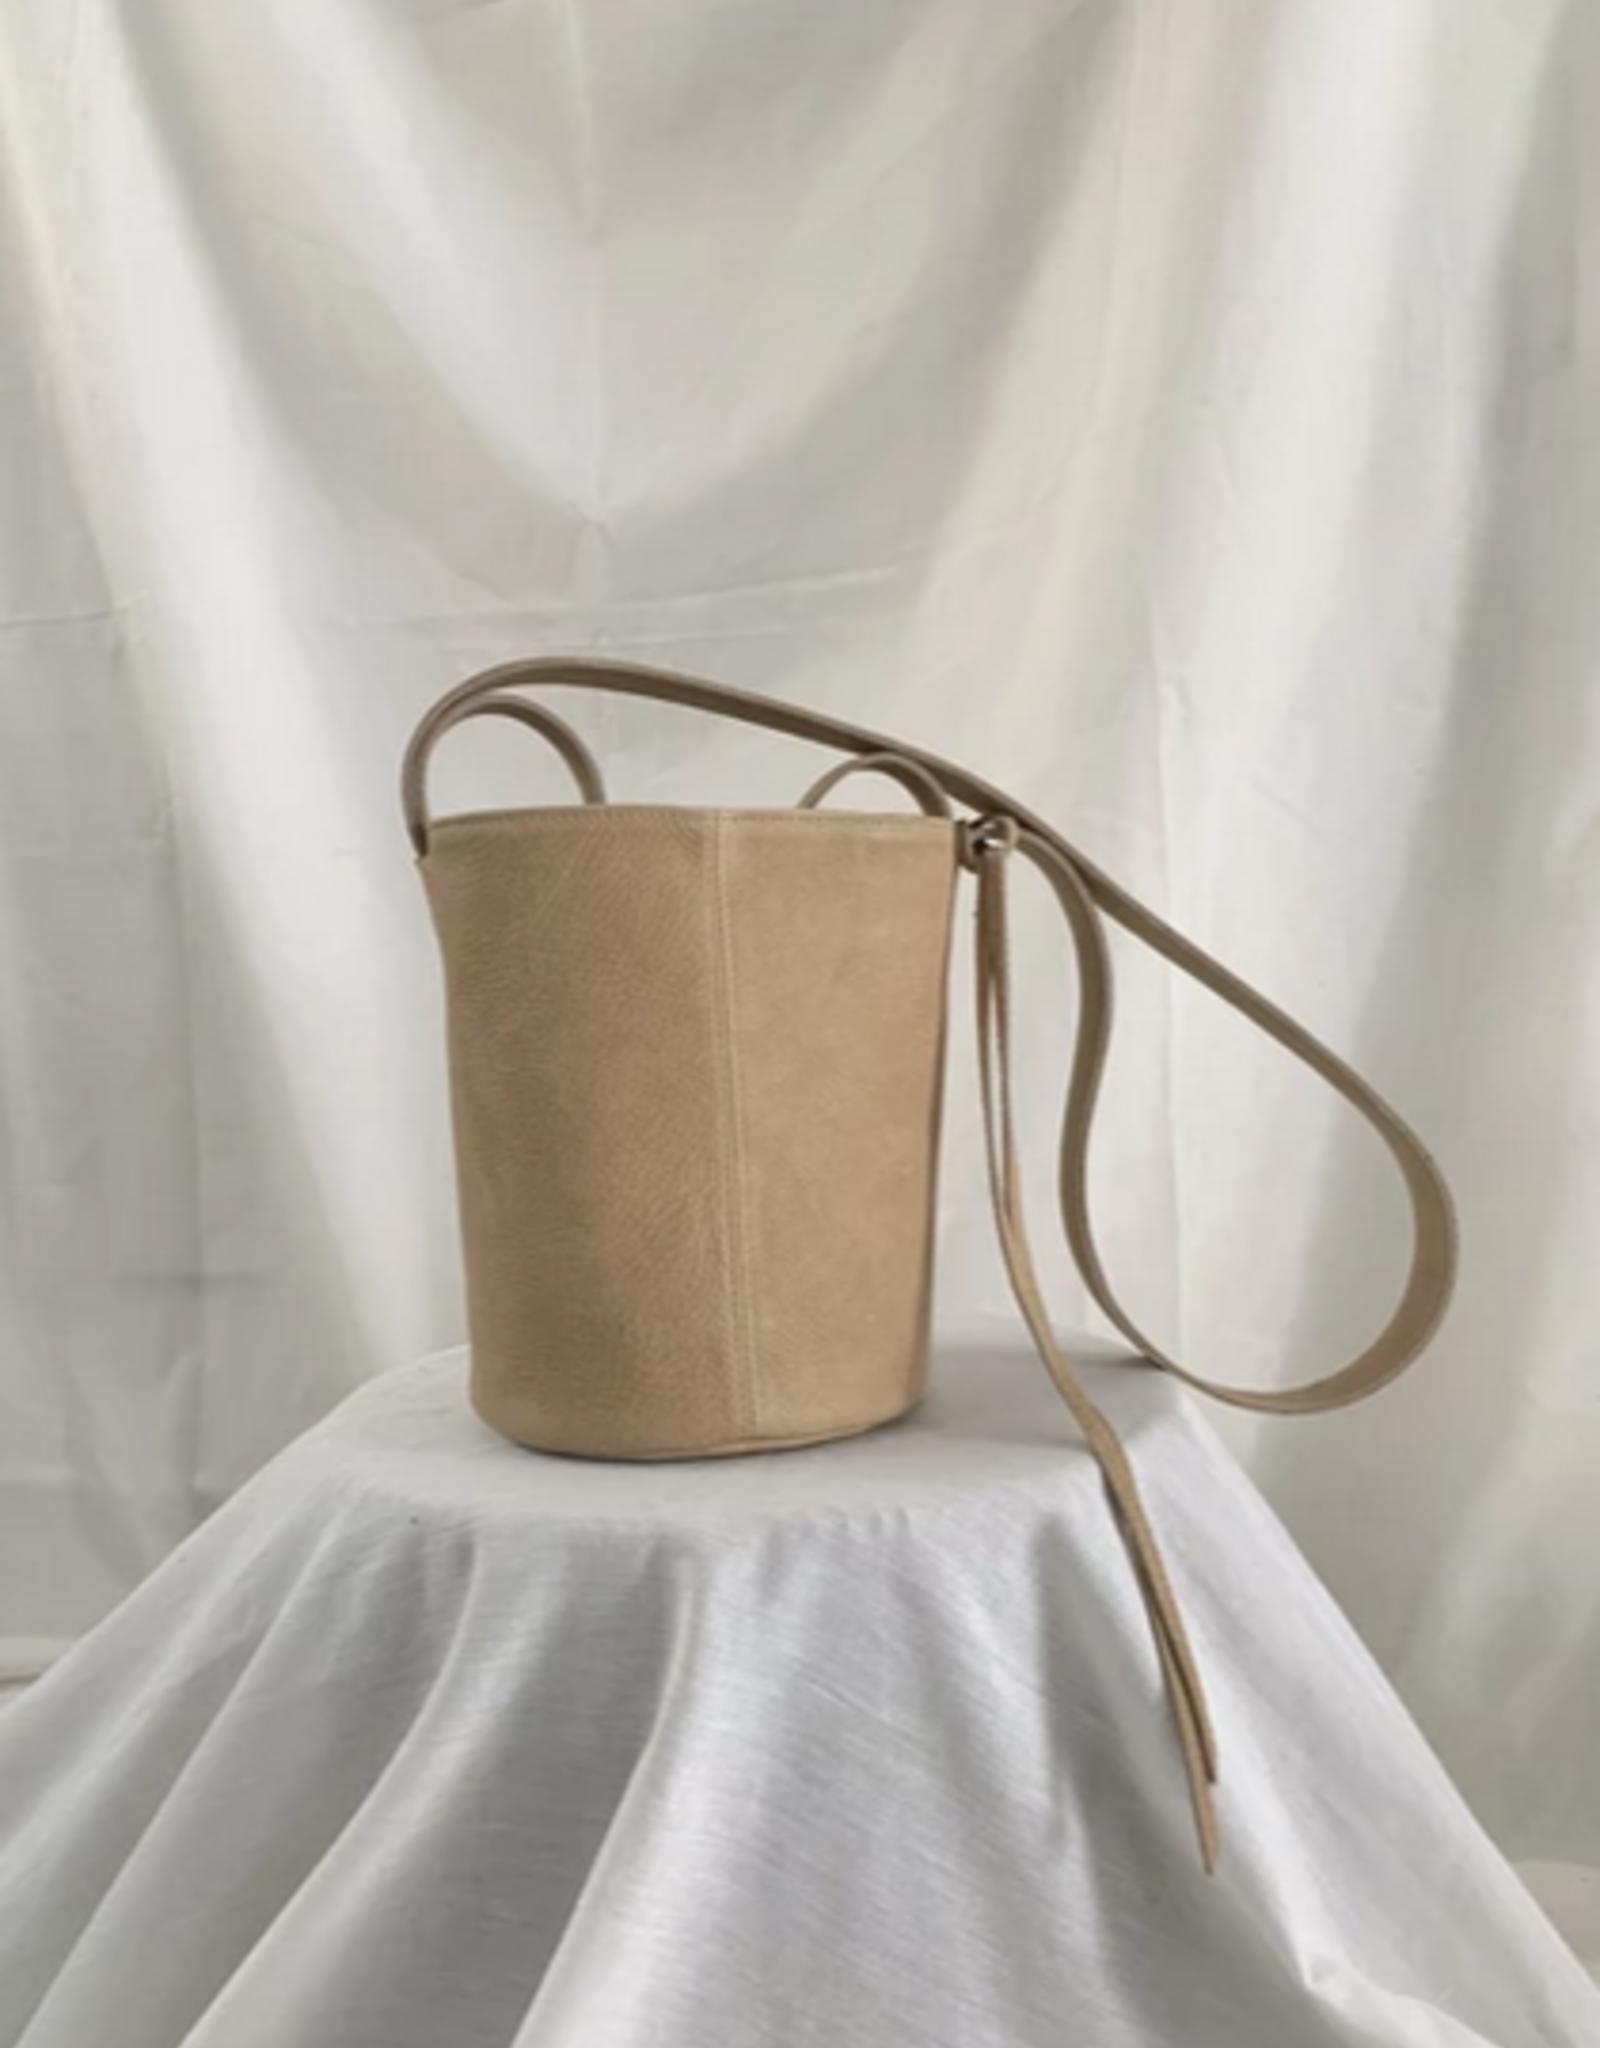 Nona NONA Bucket bag sand